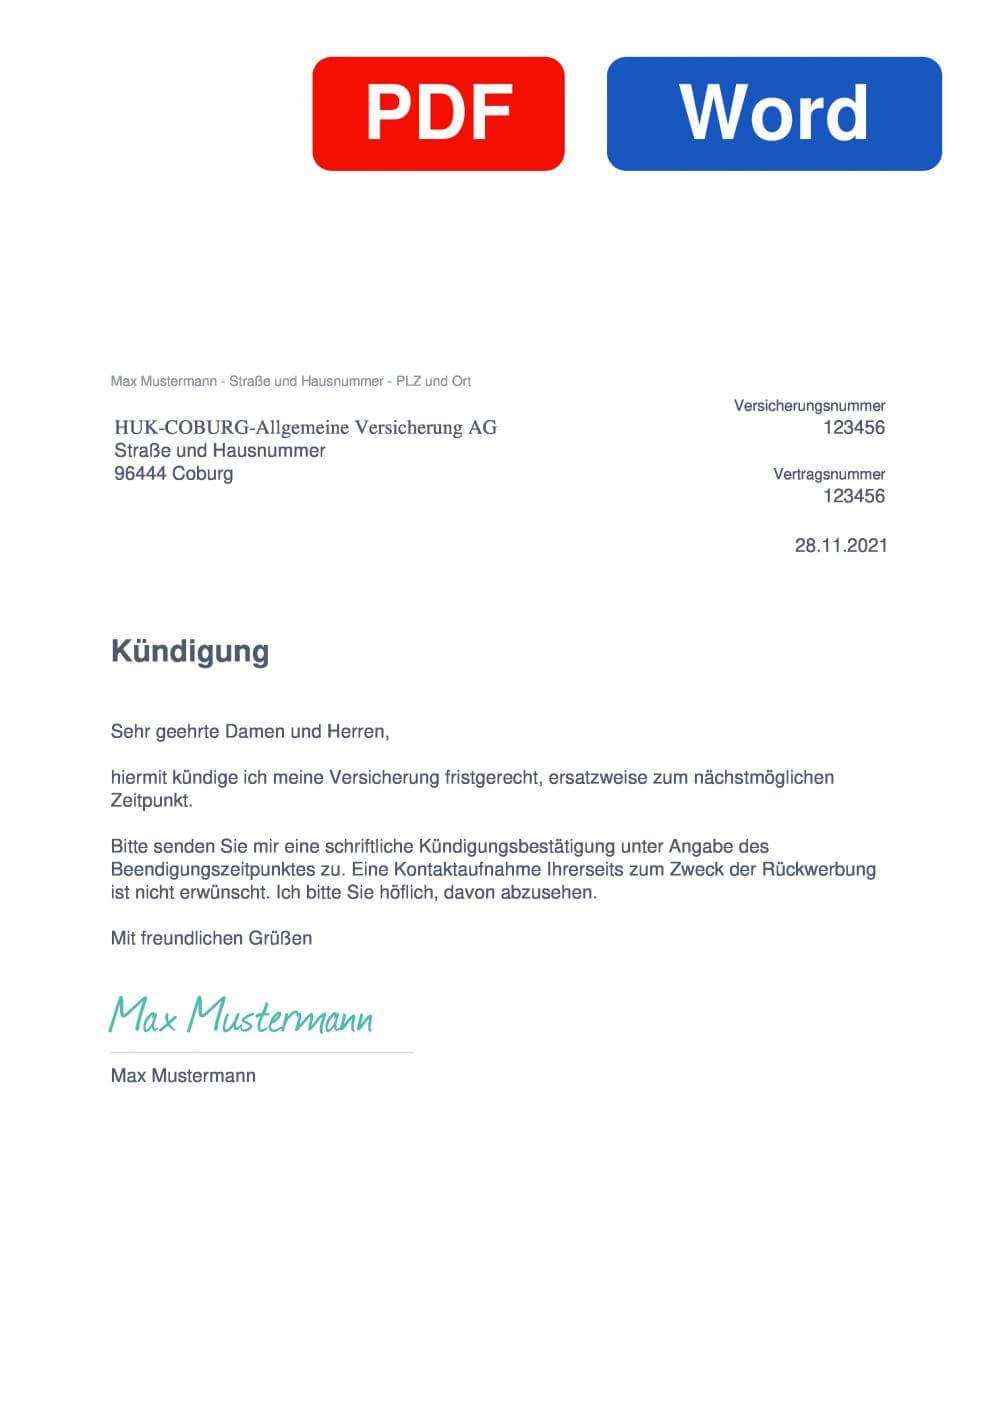 HUK Coburg Muster Vorlage für Kündigungsschreiben